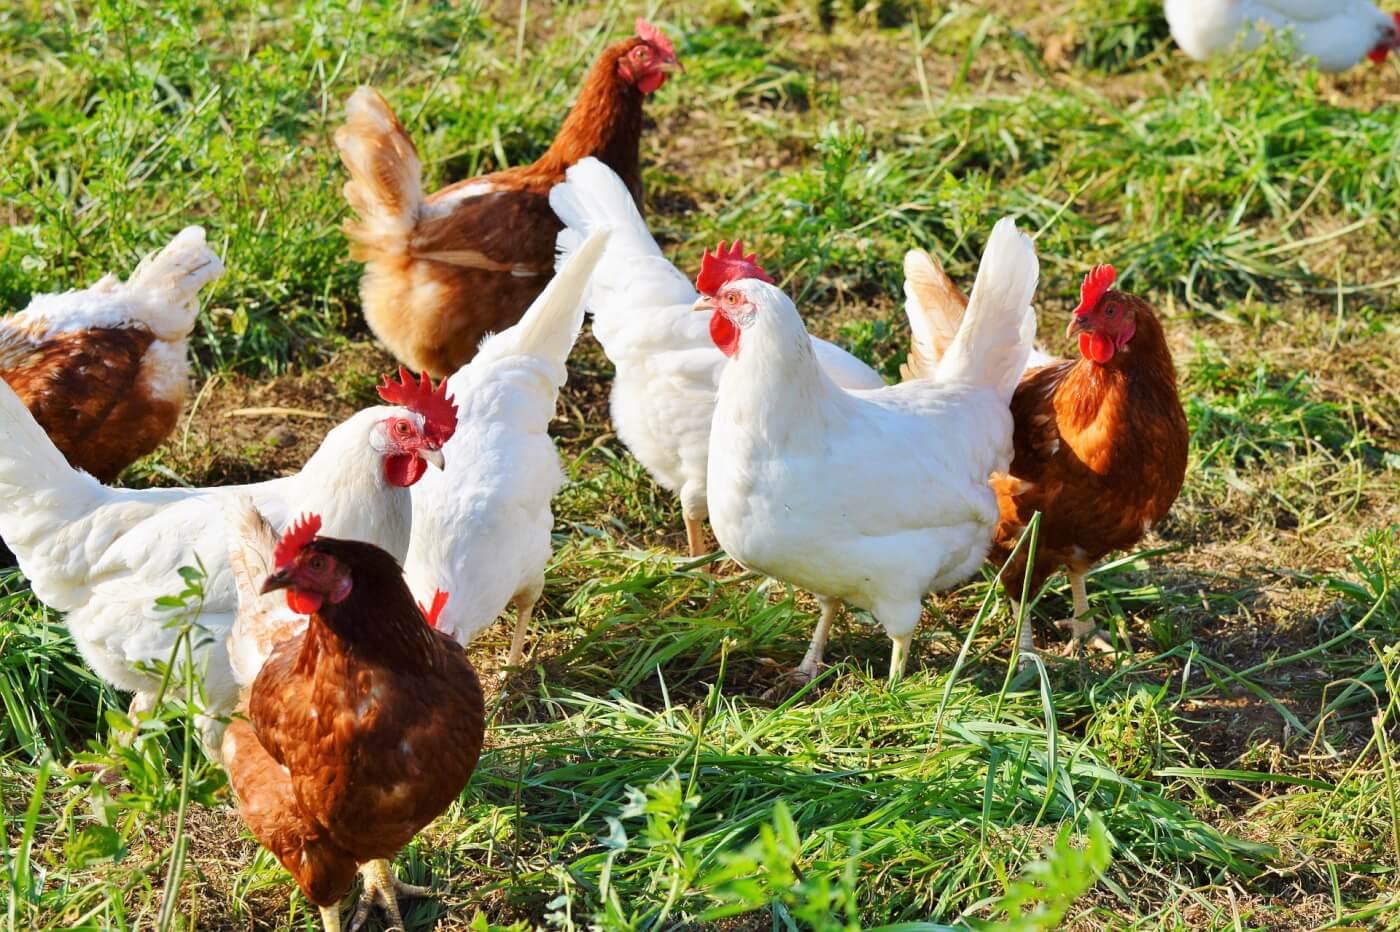 ДПСС нагадує про біобезпеку під час міграції птахів